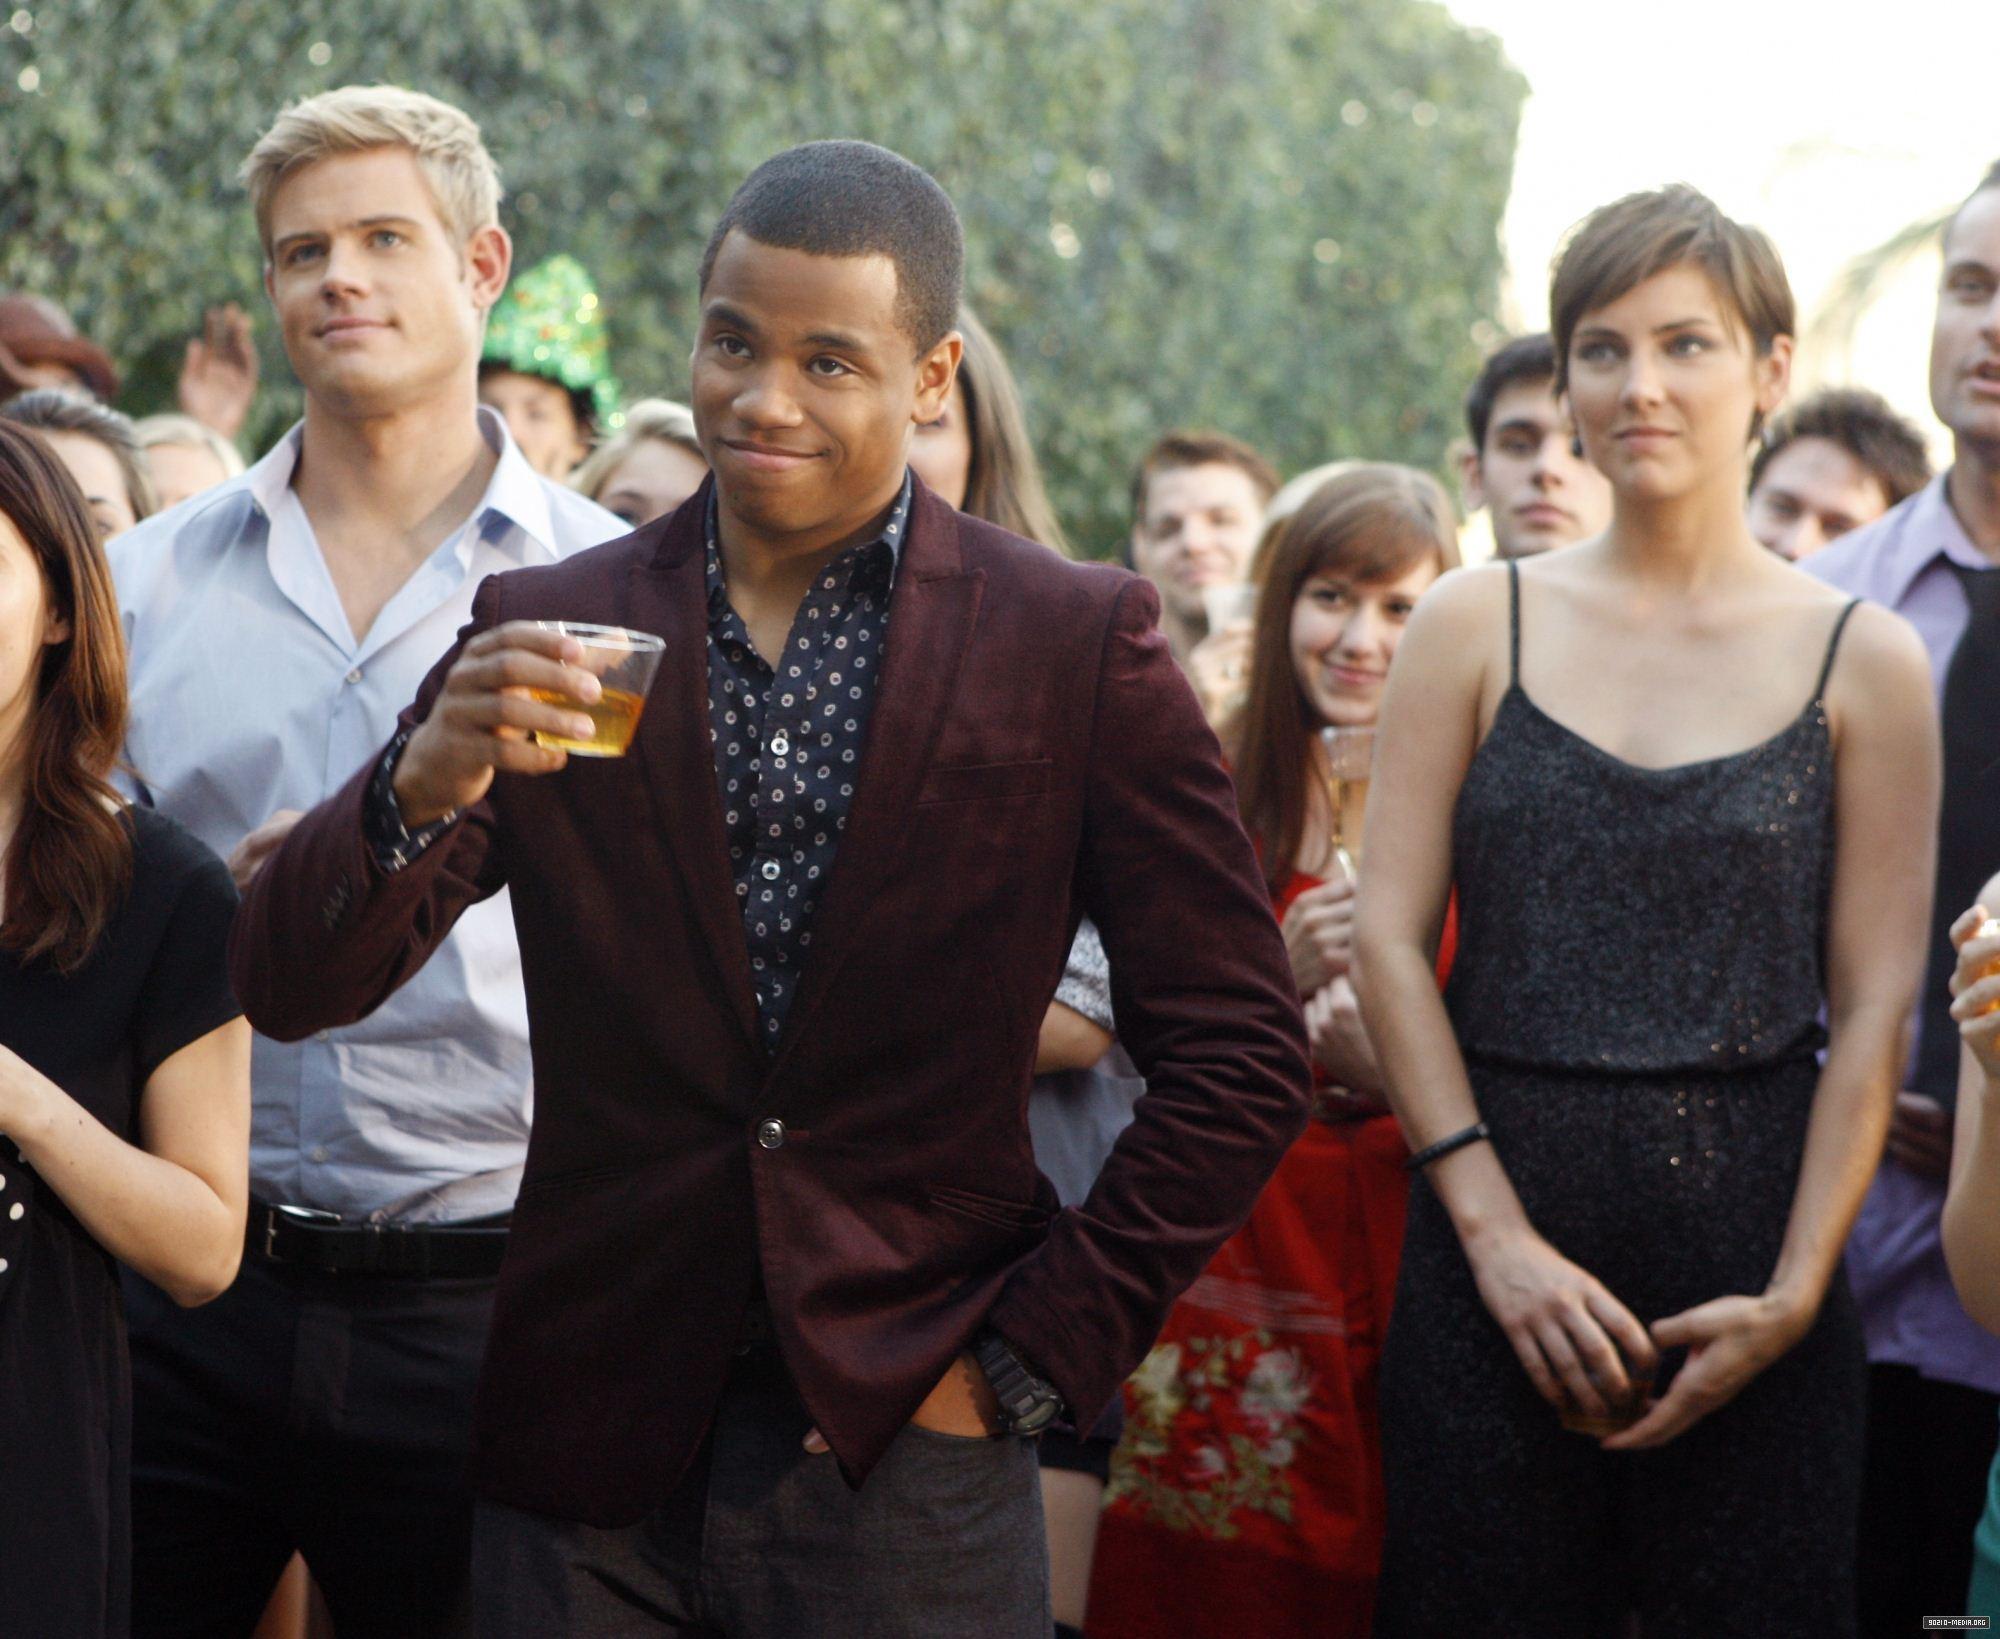 Беверли хиллз 90210: новое поколение (4 сезон: 1-24 серии из 24) / beverly hills 90210: the next generation